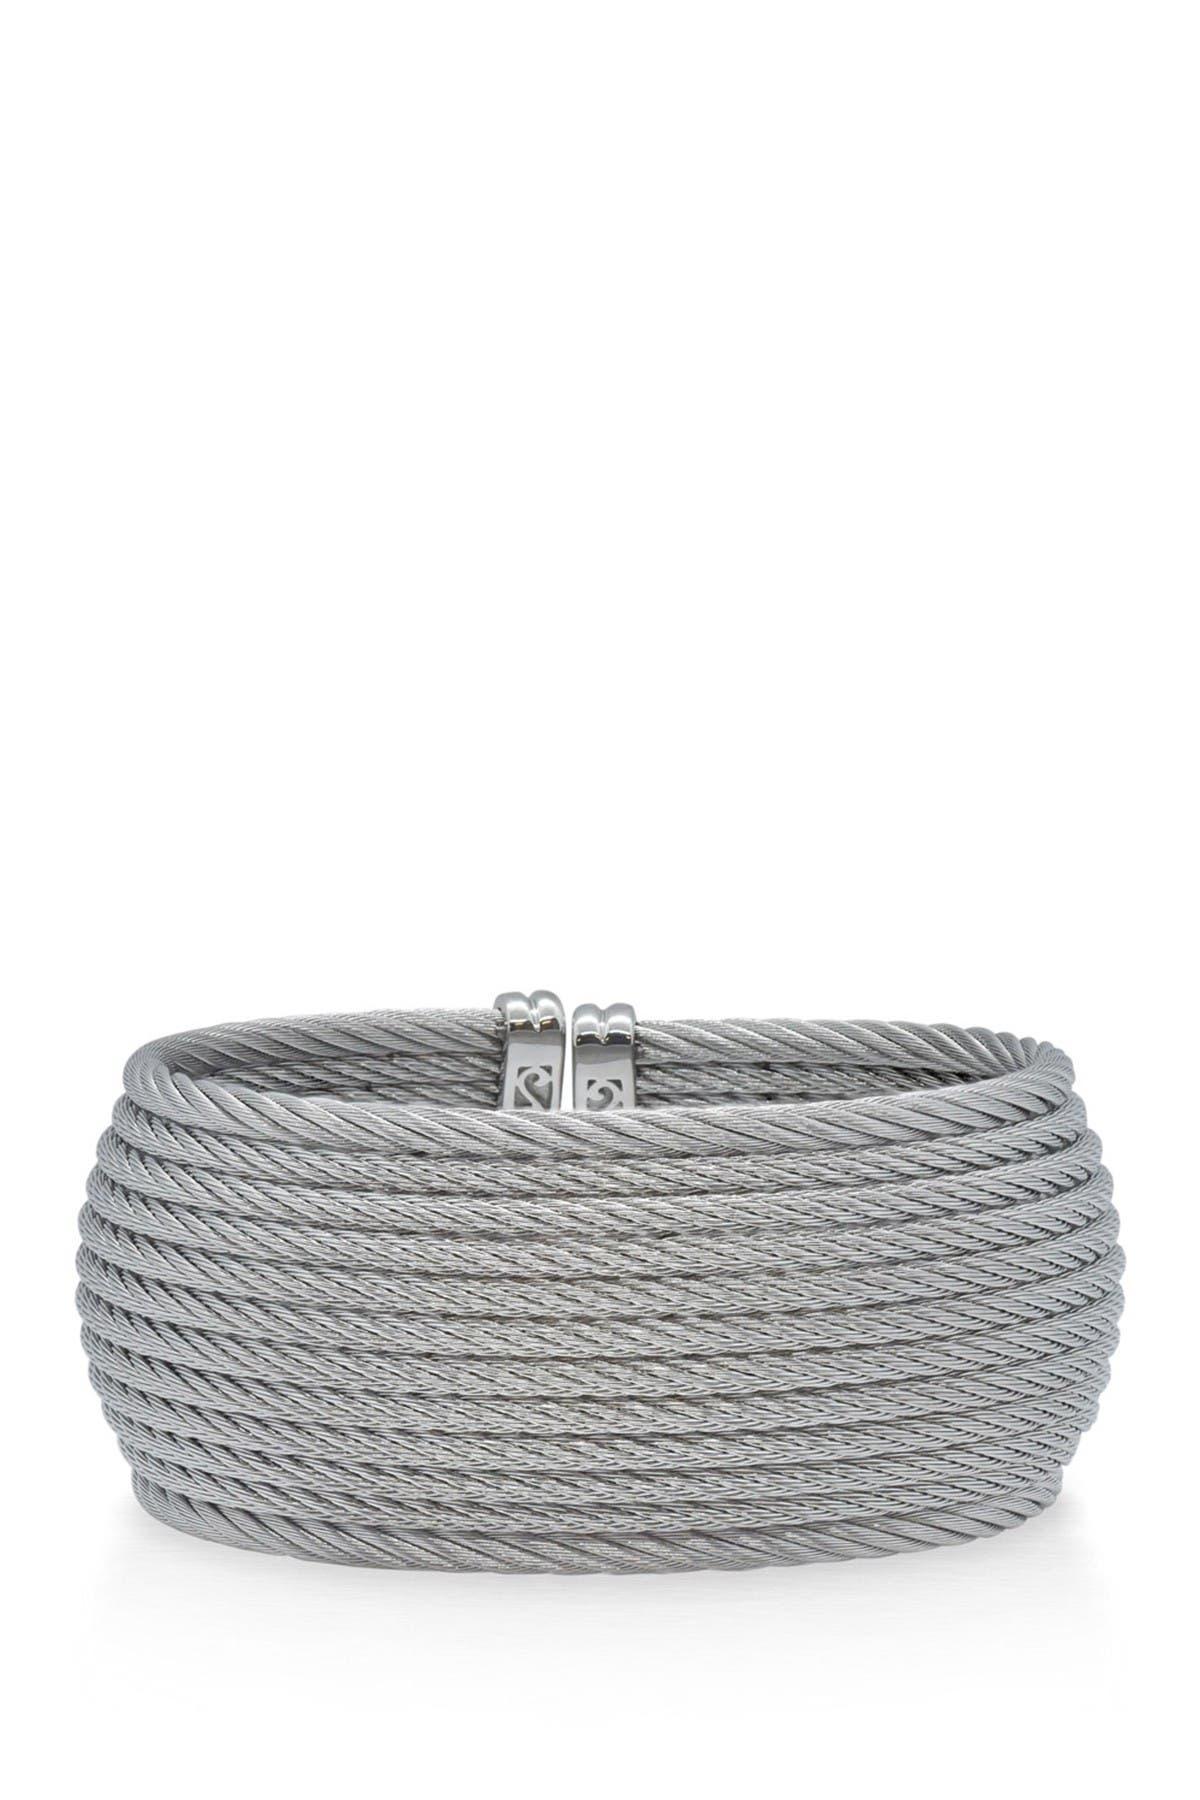 Image of ALOR Multi-Row Twist Cuff Bracelet